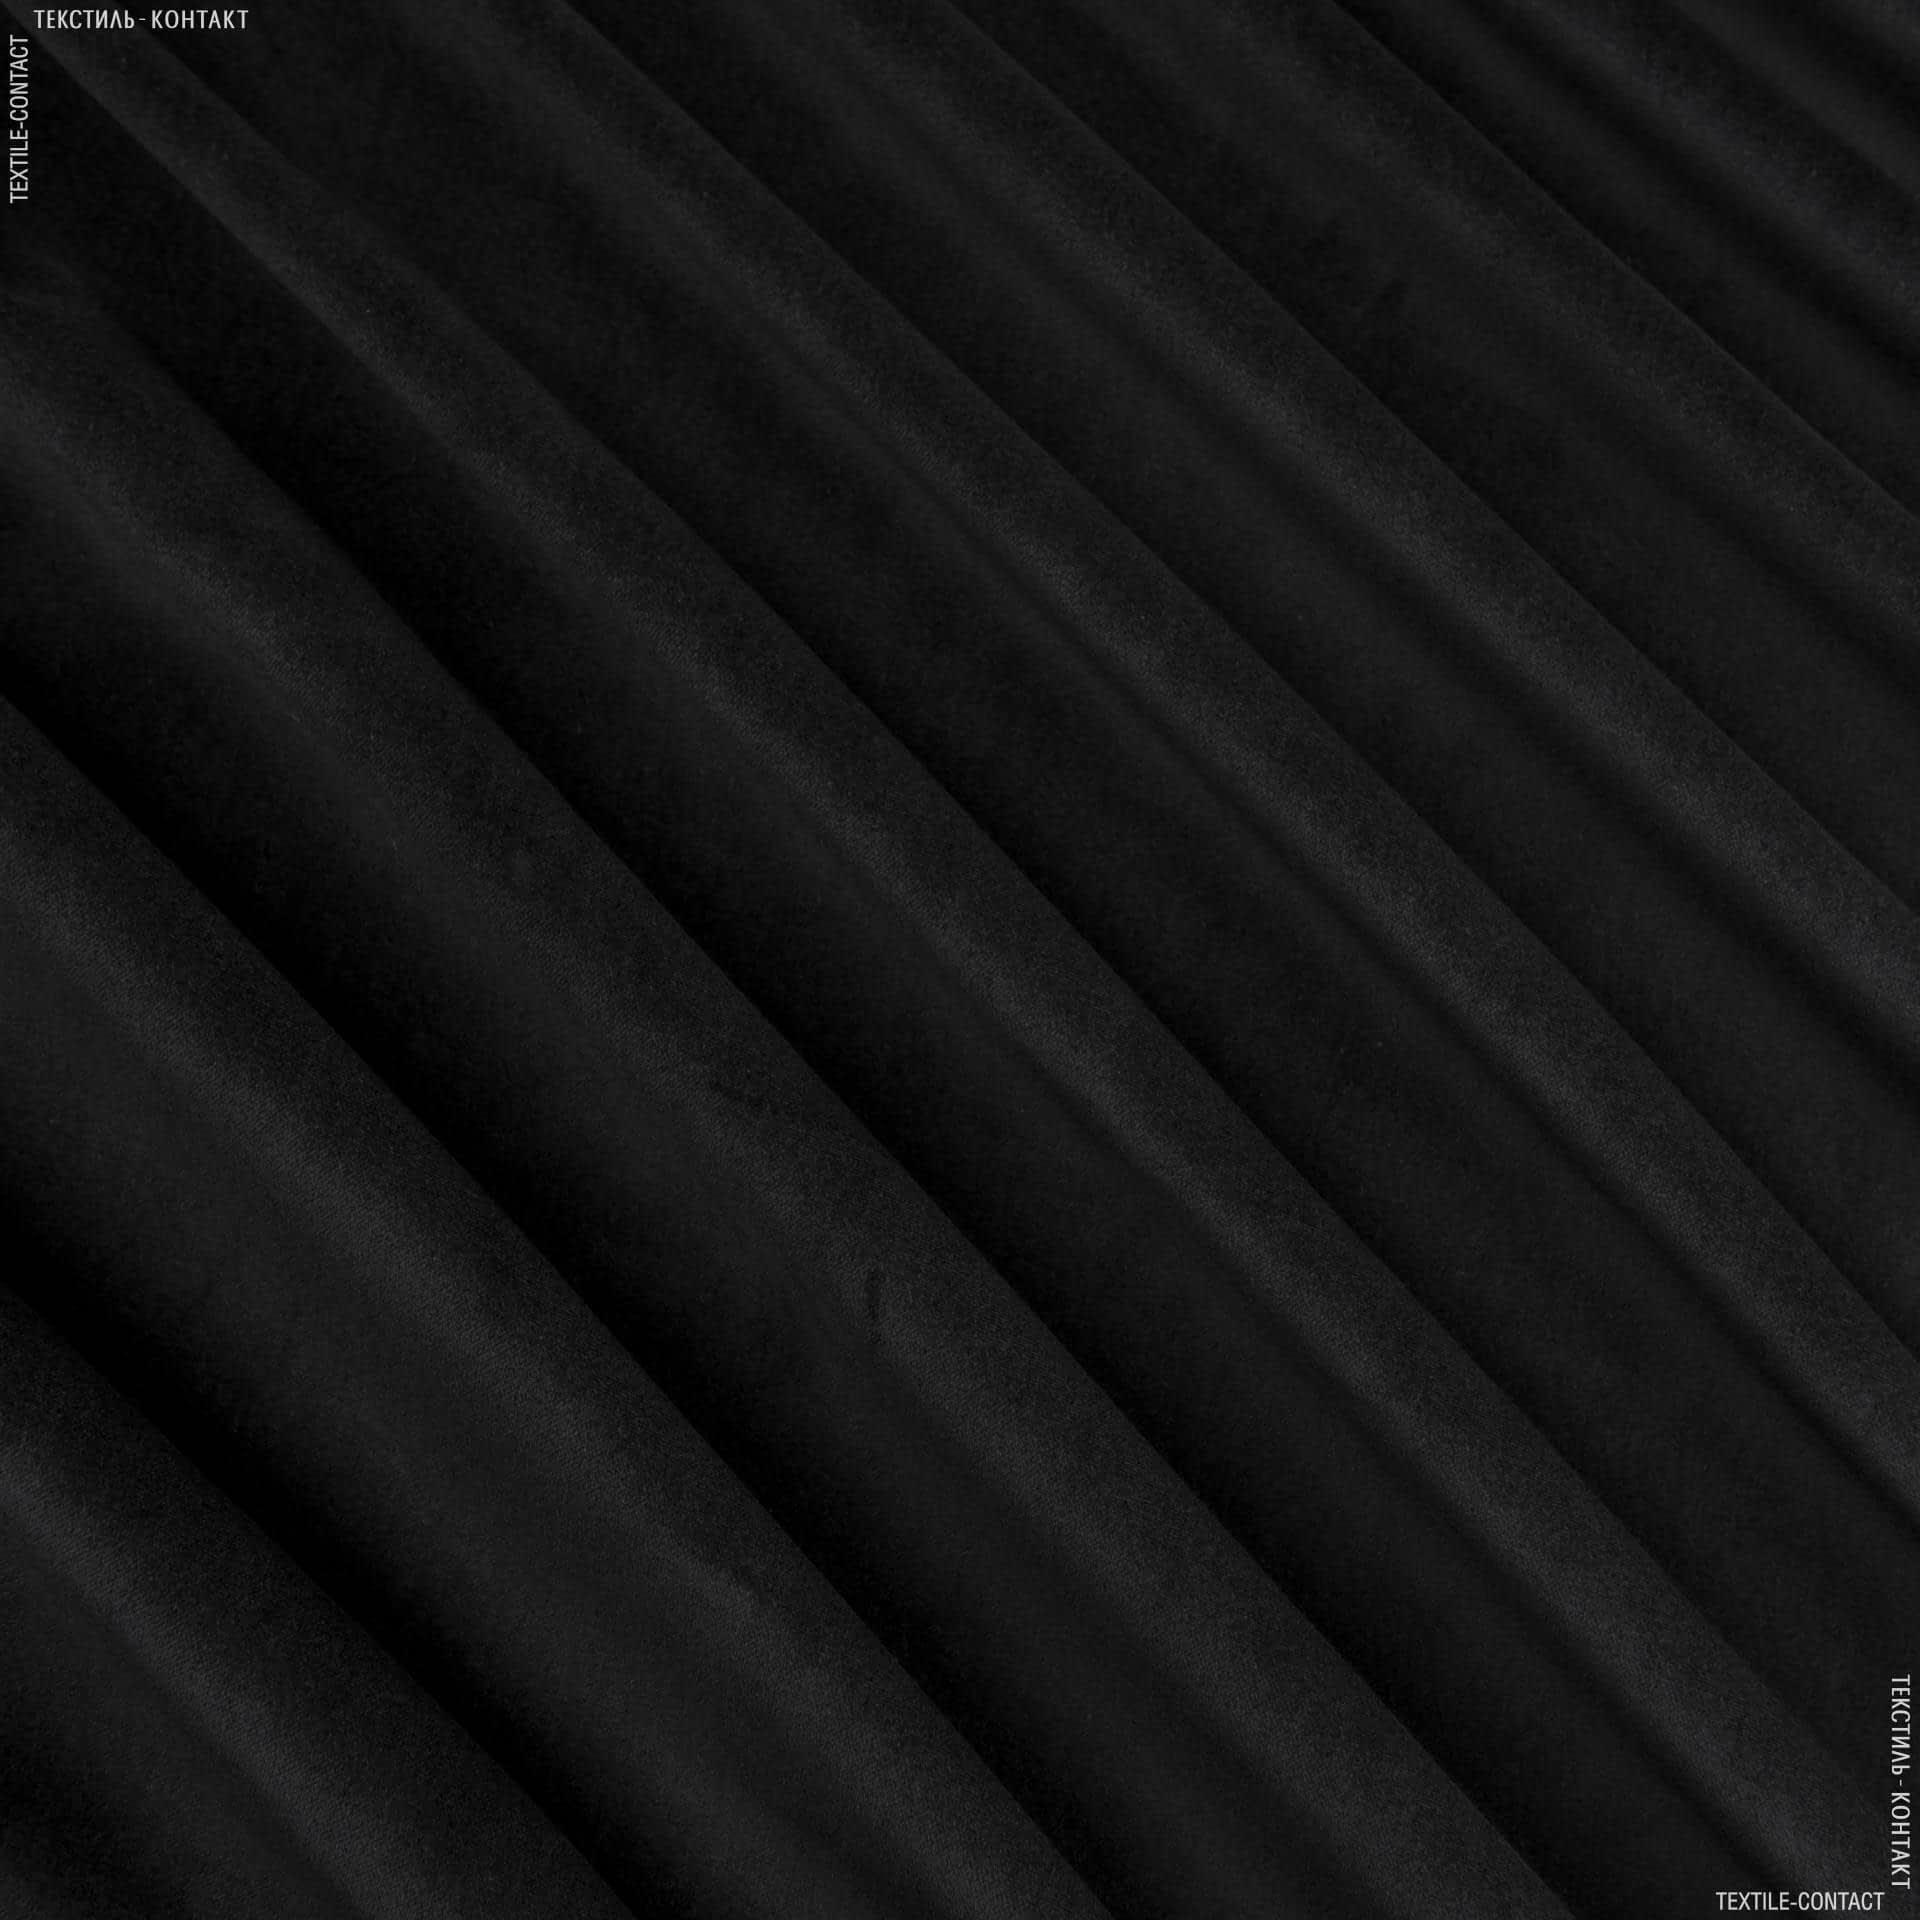 Тканини для верхнього одягу - Костюмний оксамит сіро-чорний